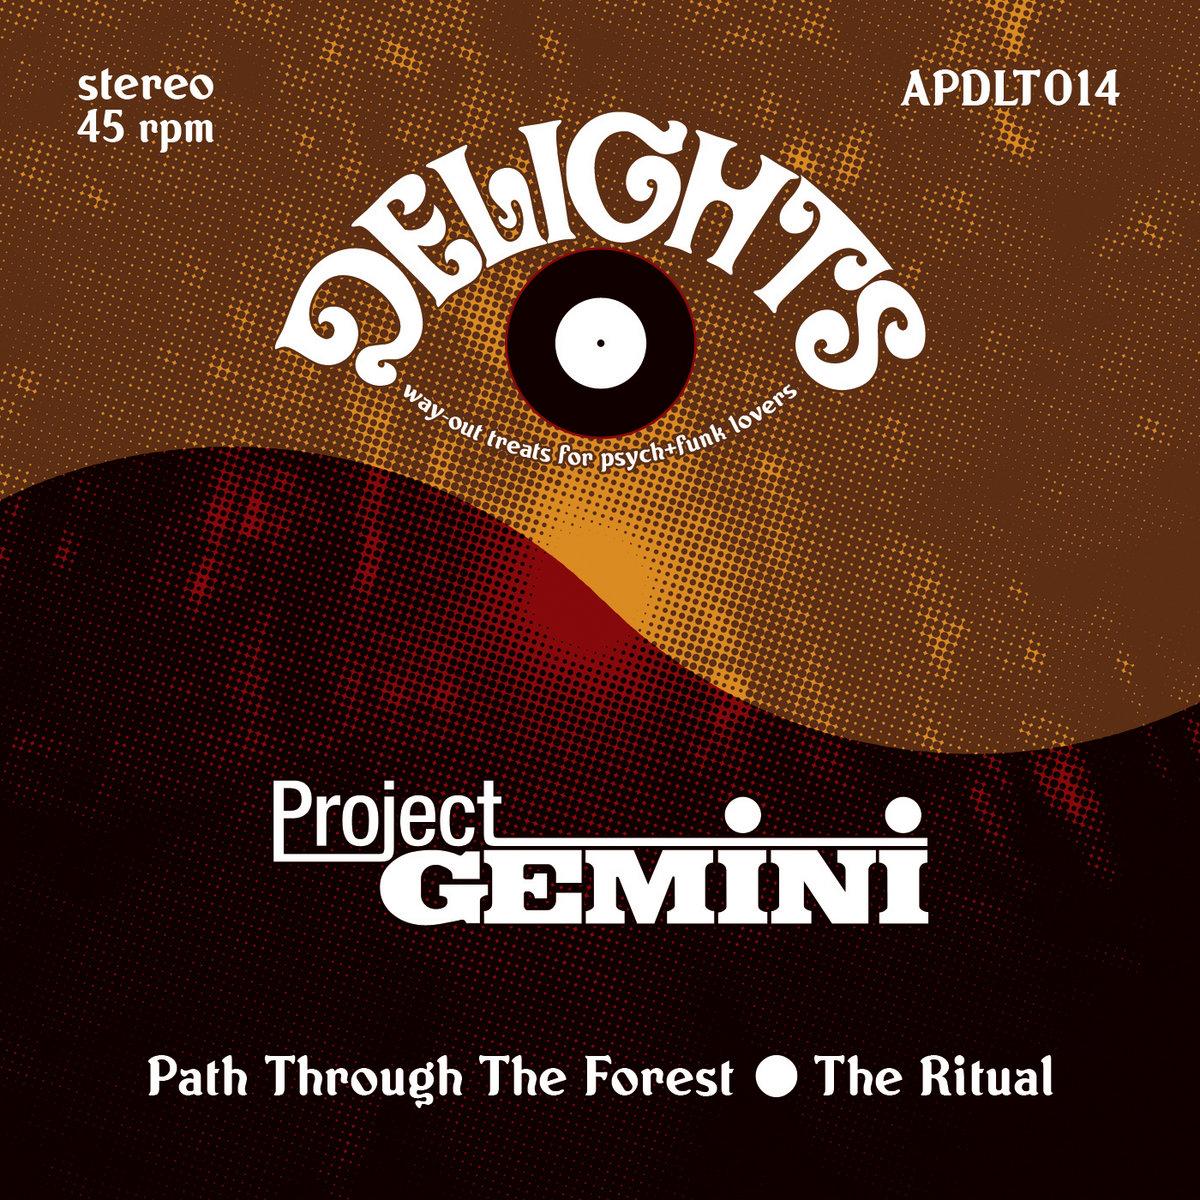 Project Gemini - The Ritual